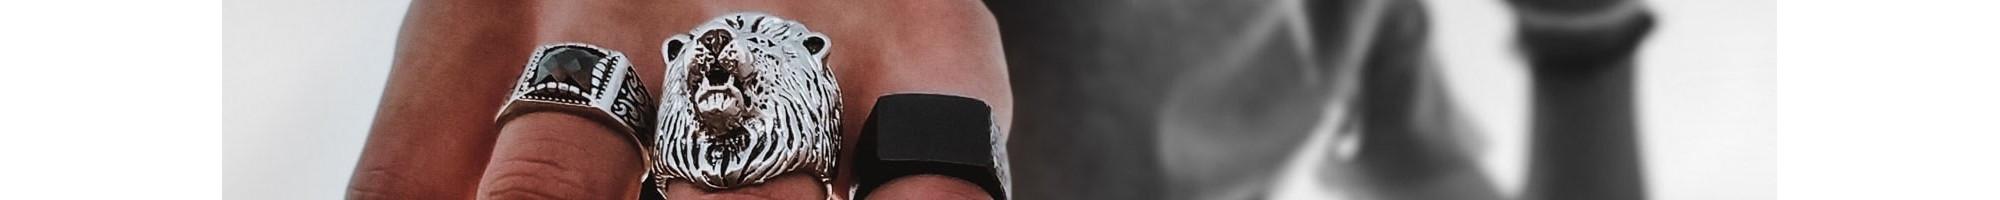 Herren Ringe | Maskulin & Einzigartig - Online bei  BIJOU BOX